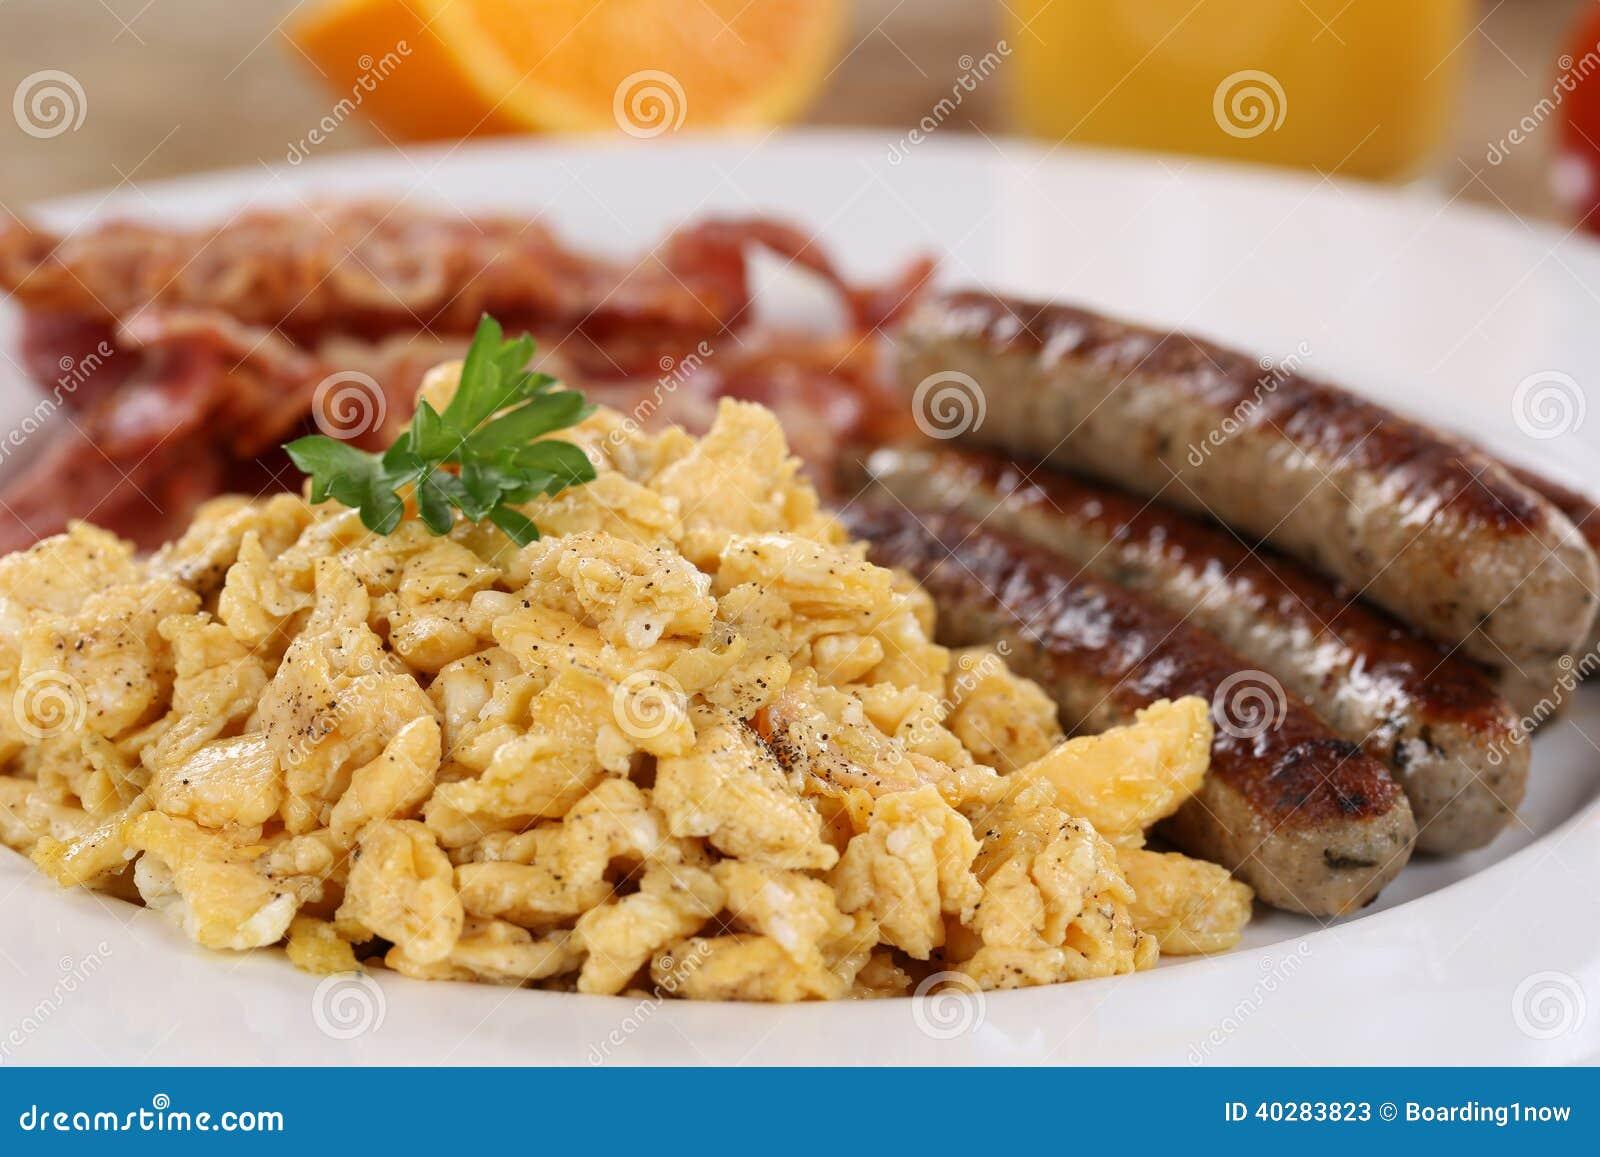 Позавтракайте с взбитыми яйцами, сосисками и беконом